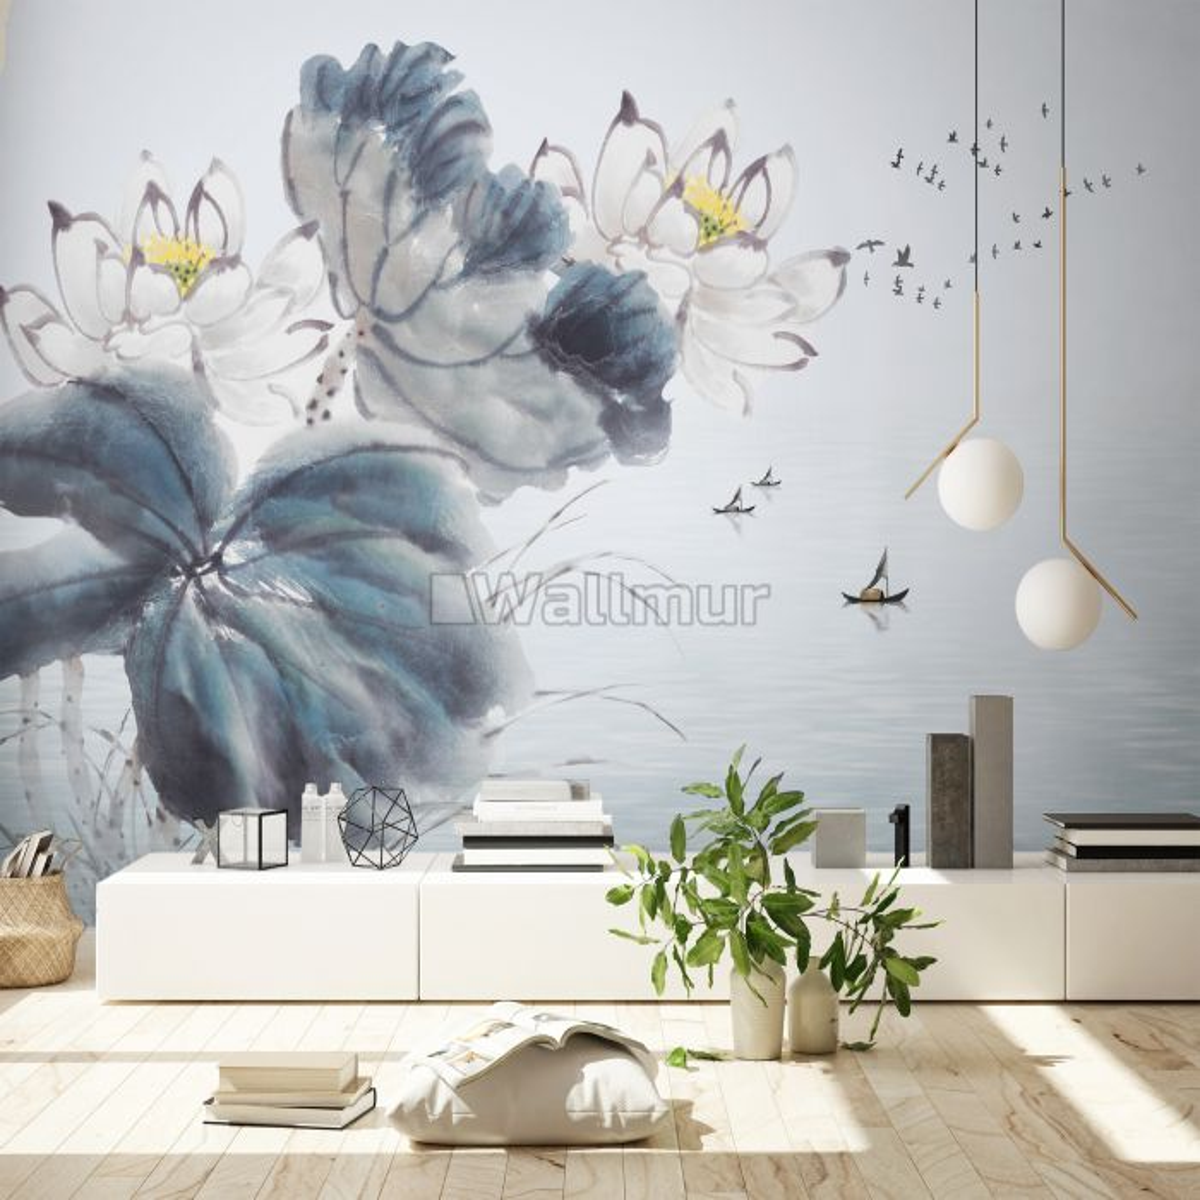 Lotus Floral Art Wallpaper Mural